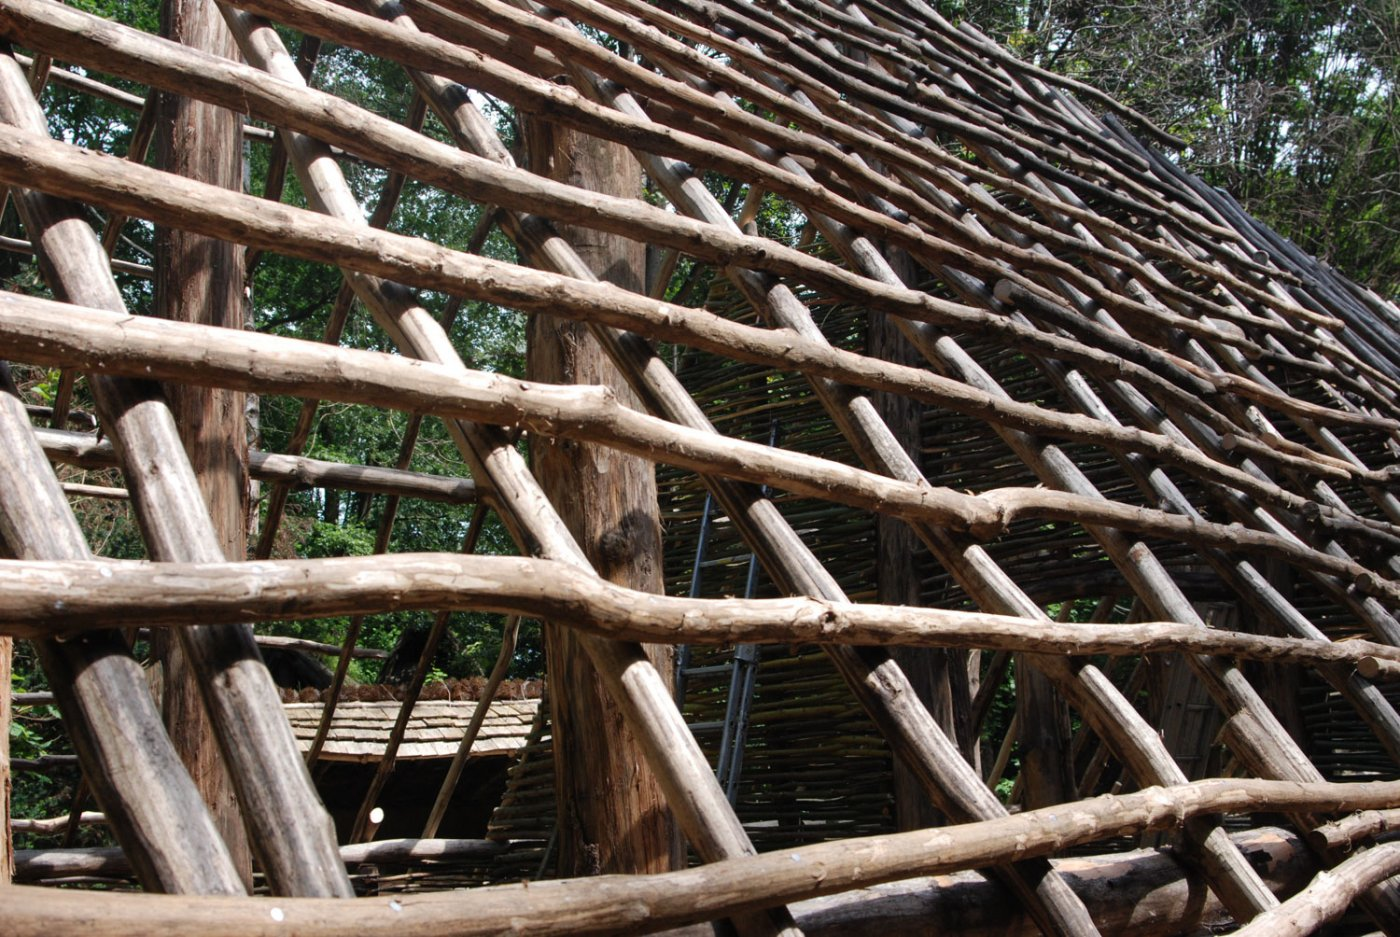 charpente avant pose de la paille reconstitution ferme néolithique